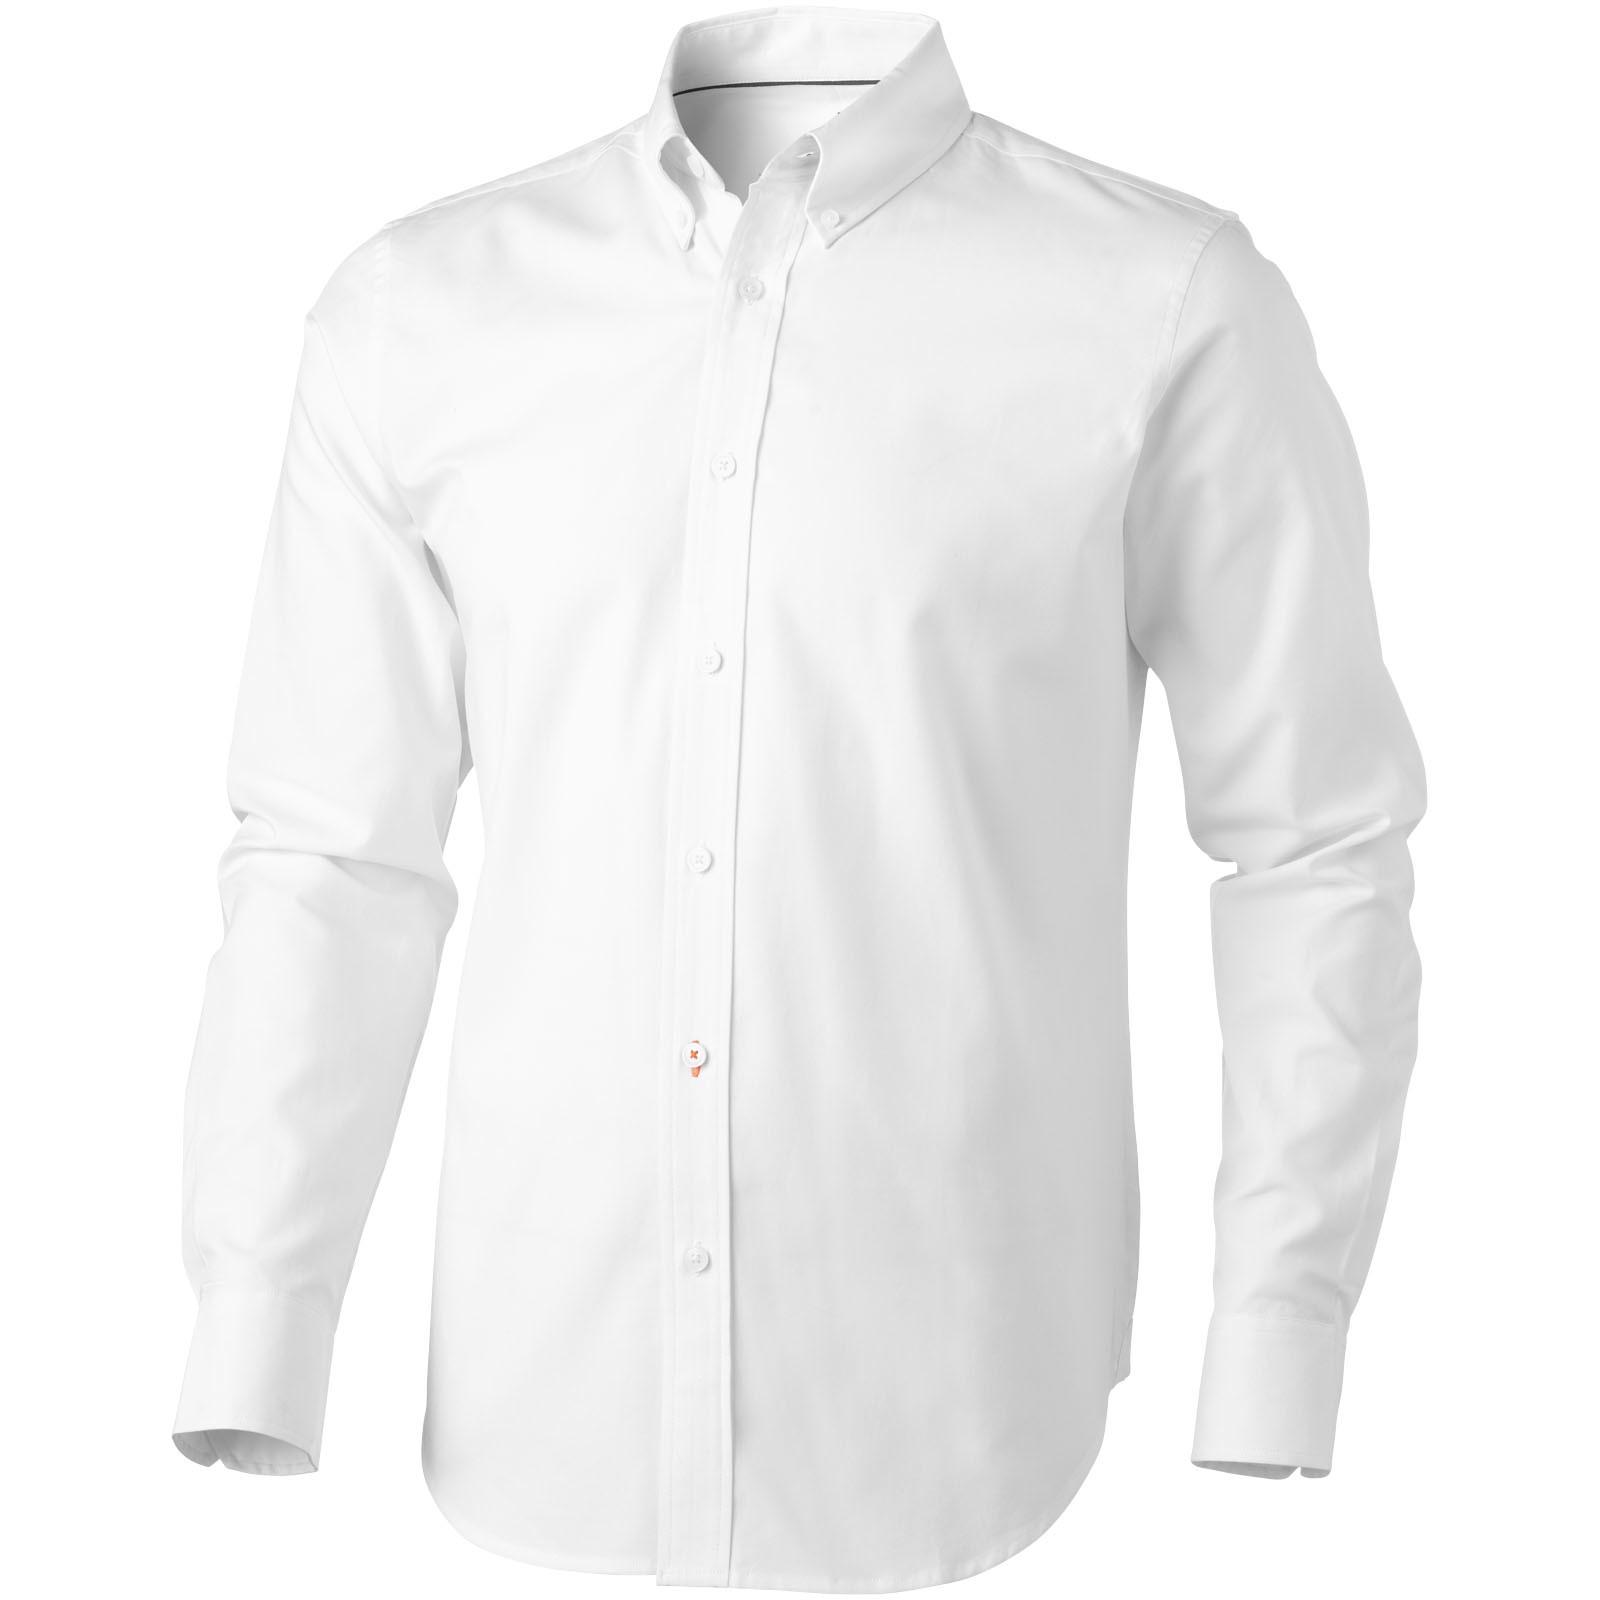 Vaillant košile s dlouhým rukávem - Bílá / XS